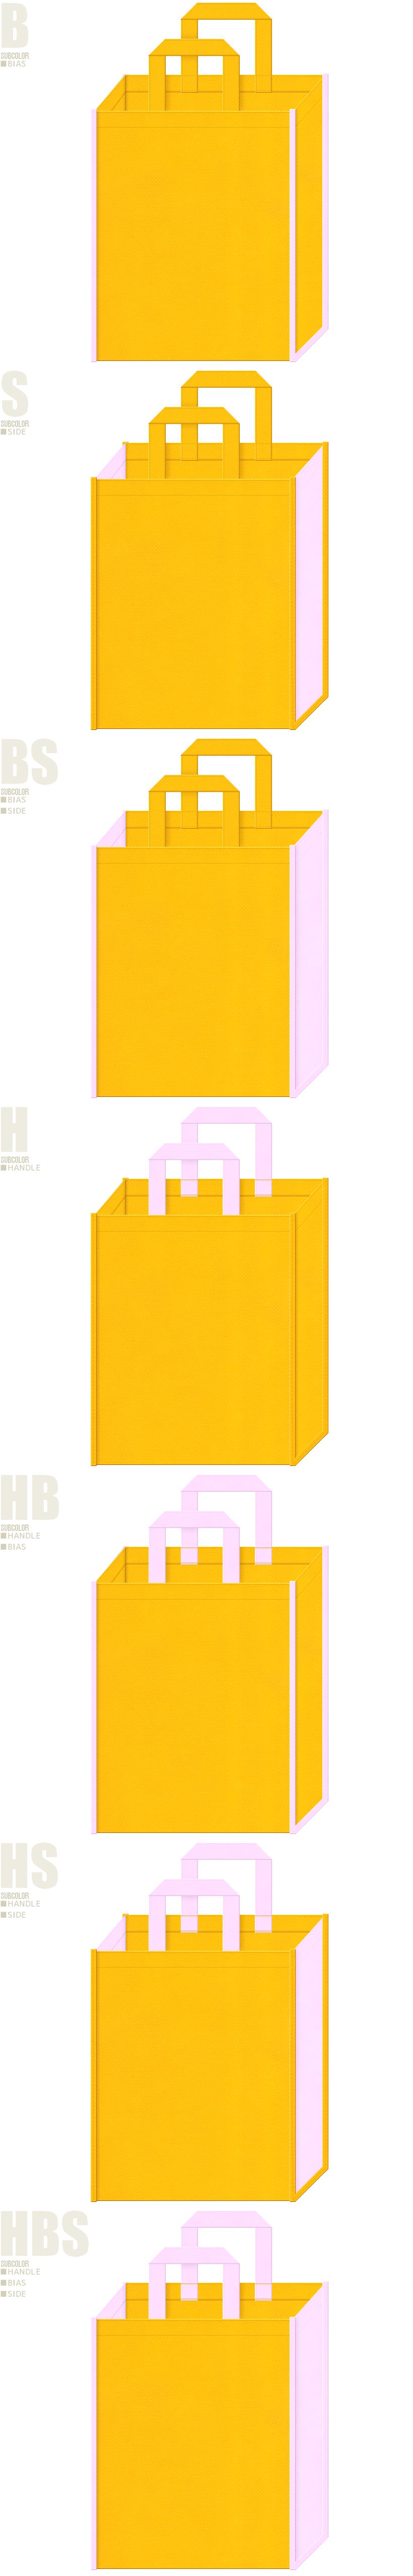 黄色と明るめのピンク色、7パターンの不織布トートバッグ配色デザイン例。